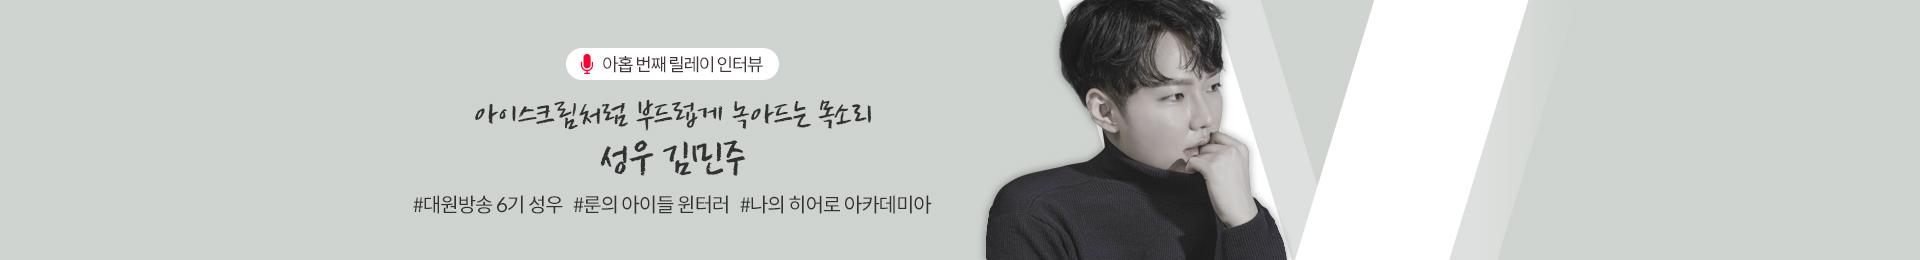 아홉 번째 릴레이인터뷰(김민주)